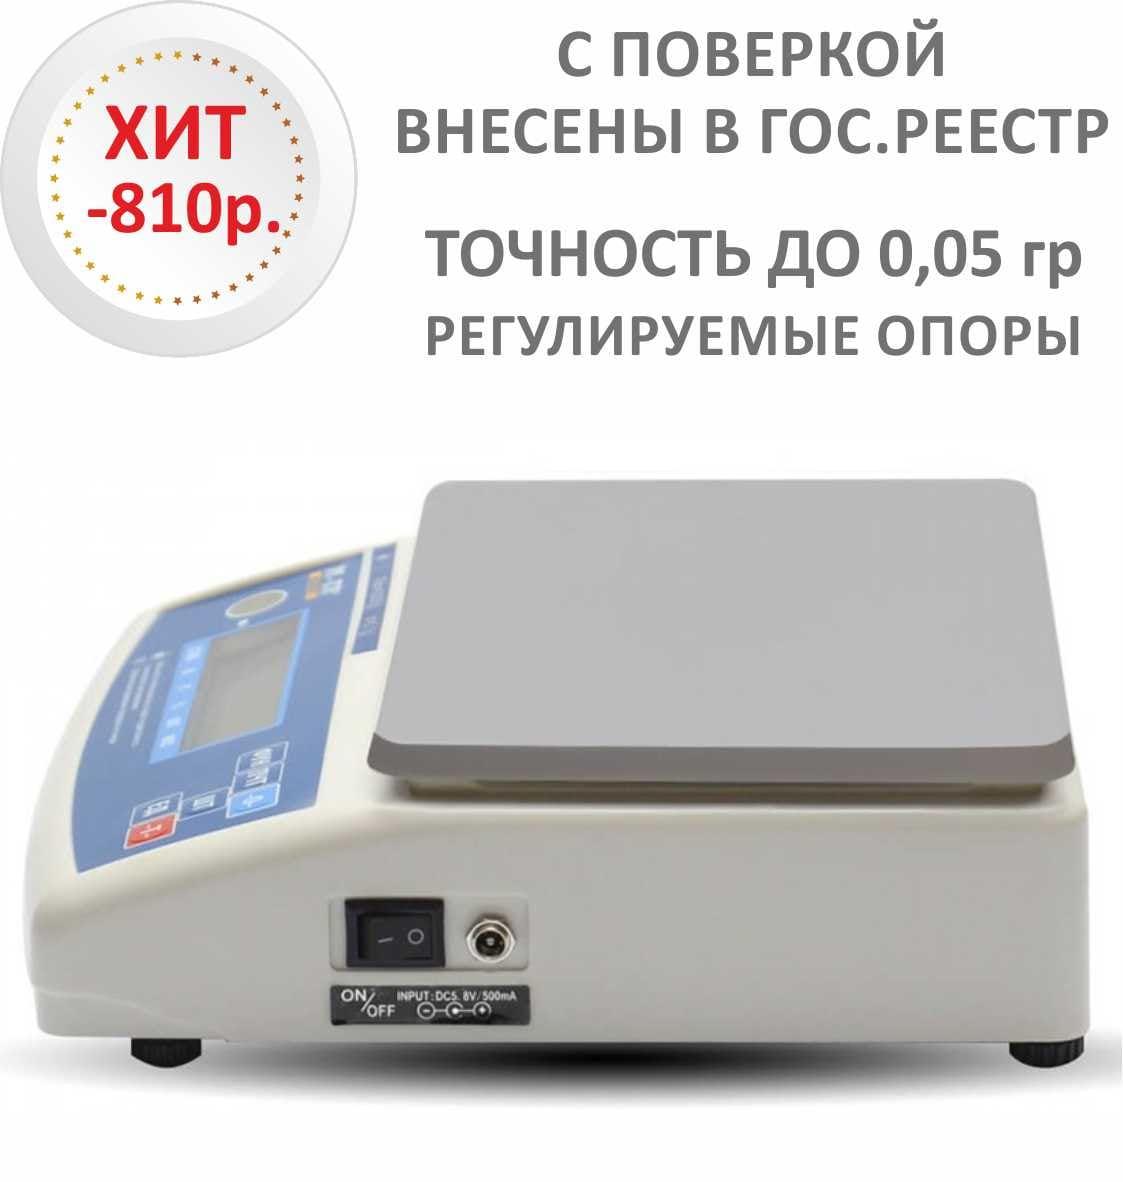 Весы лабораторные/аналитические M-ER 122 АCF-1500.05 ACCURATE LCD - вид сбоку